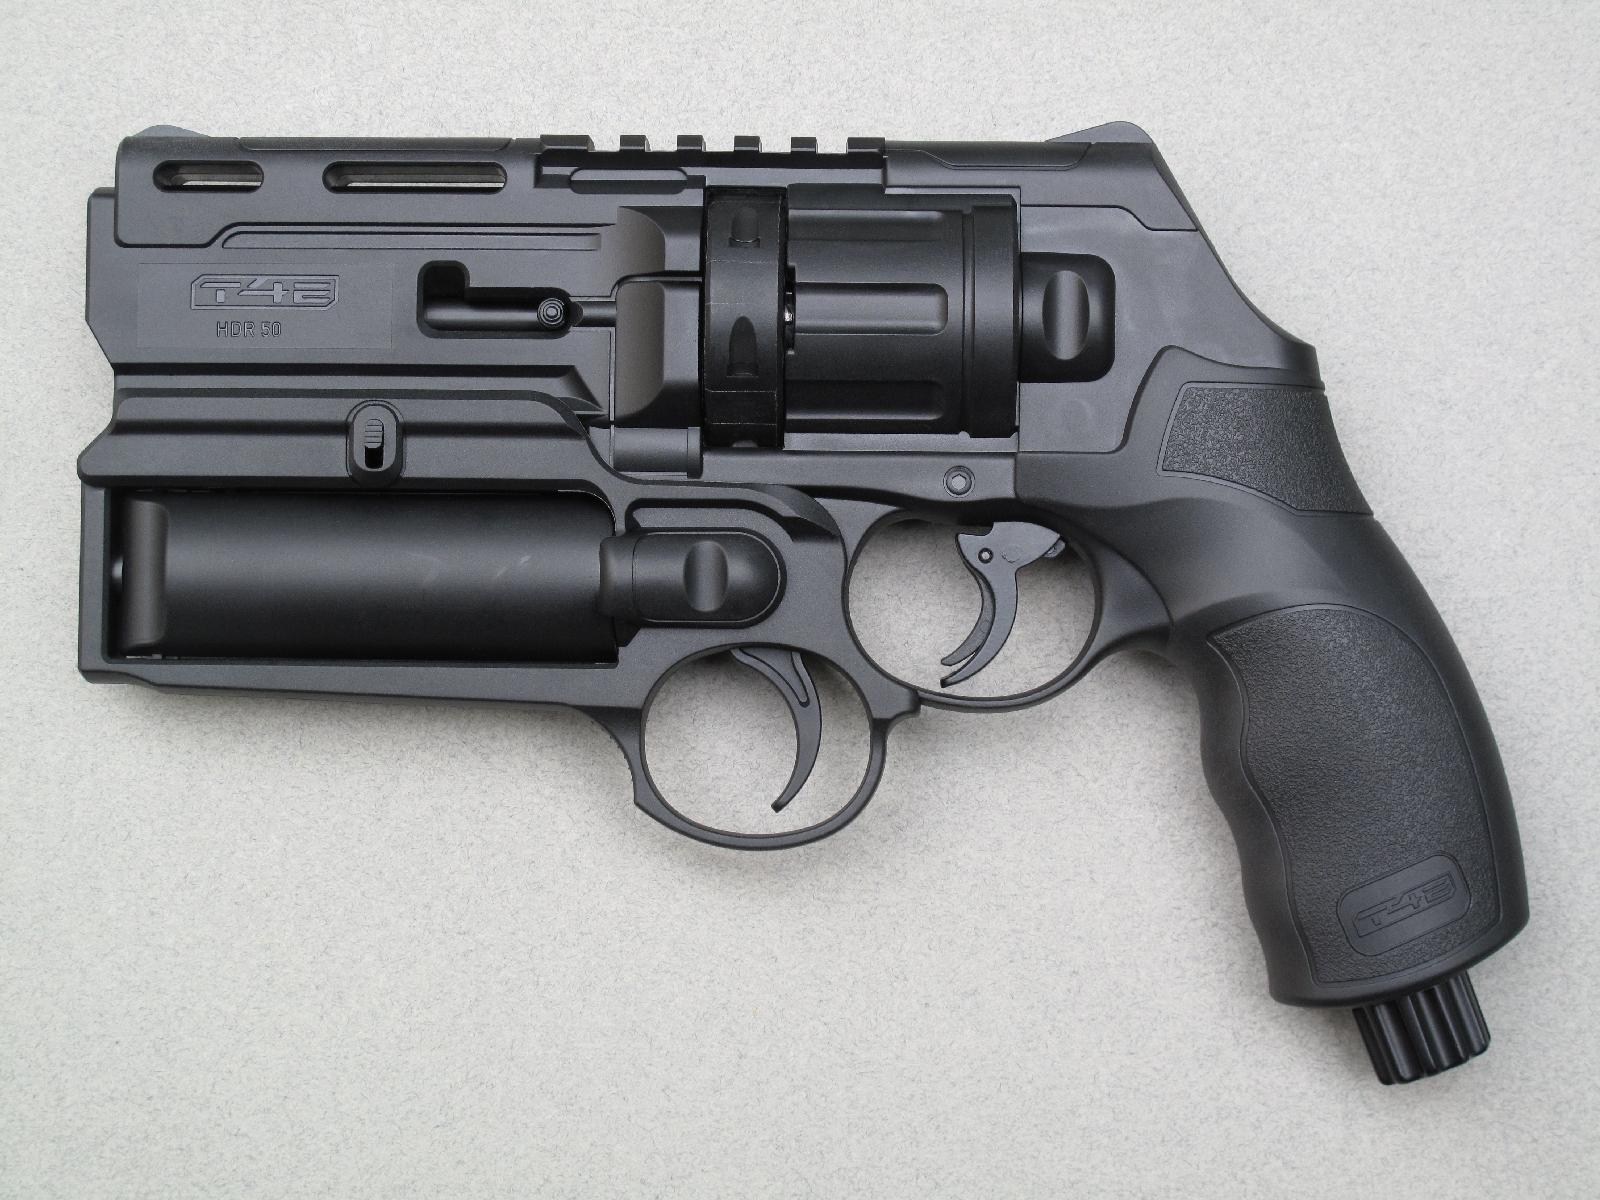 Le revolver de défense Umarex HDR 50, équipé du tube lanceur lacrymogène qui se fixe sous le canon au moyen du rail Picatinny.